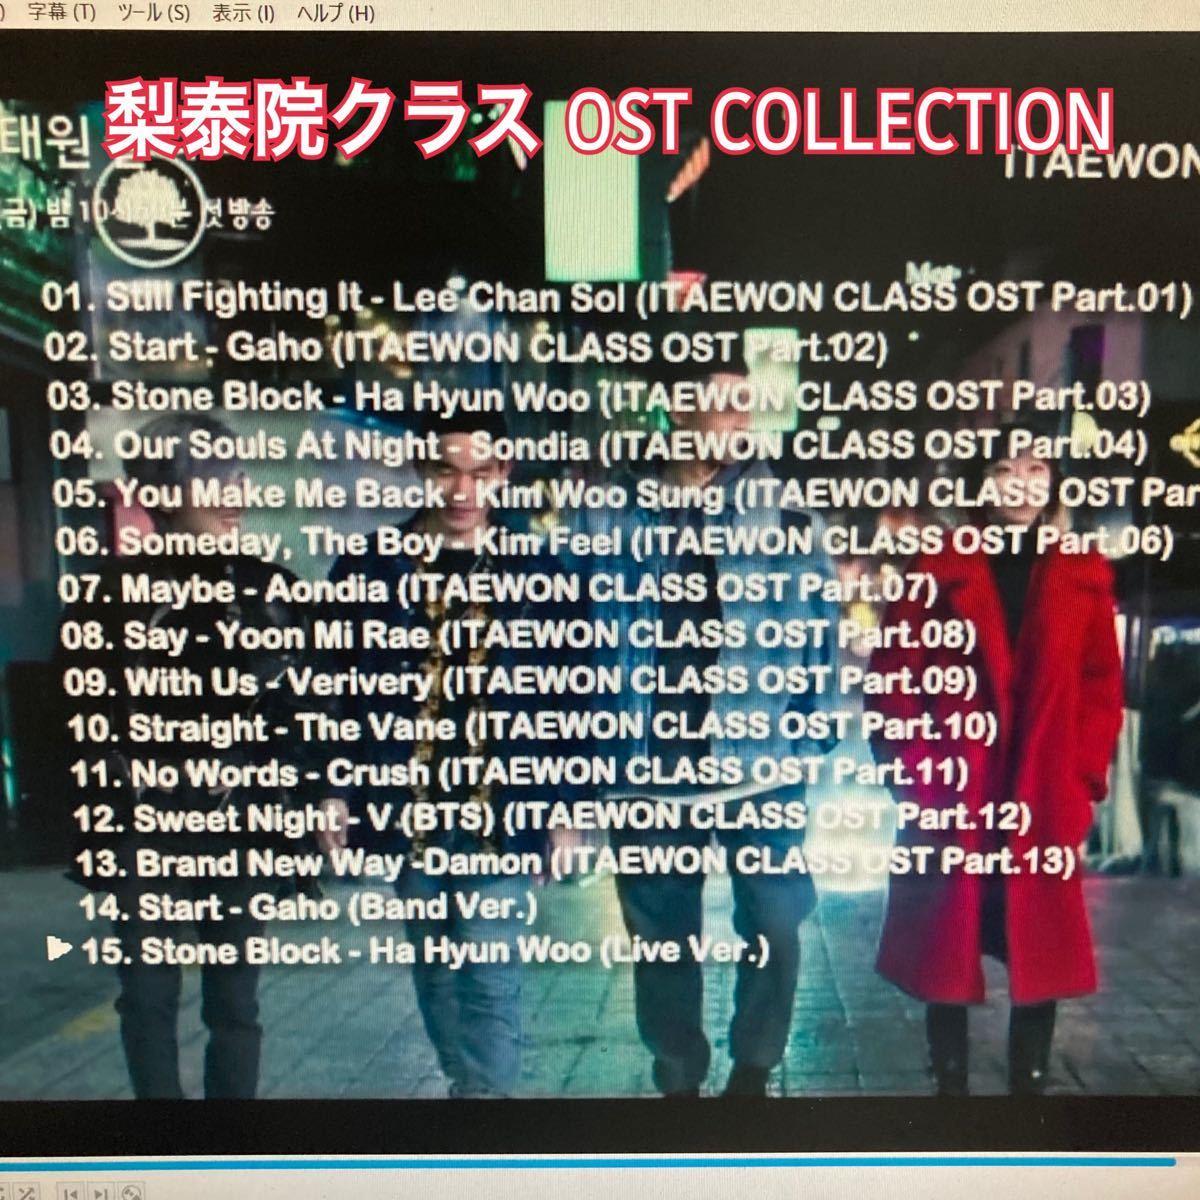 韓国ドラマ OST COLLECTION DVDセット   【サイコだけど大丈夫】【愛の不時着】 【梨泰院クラス】